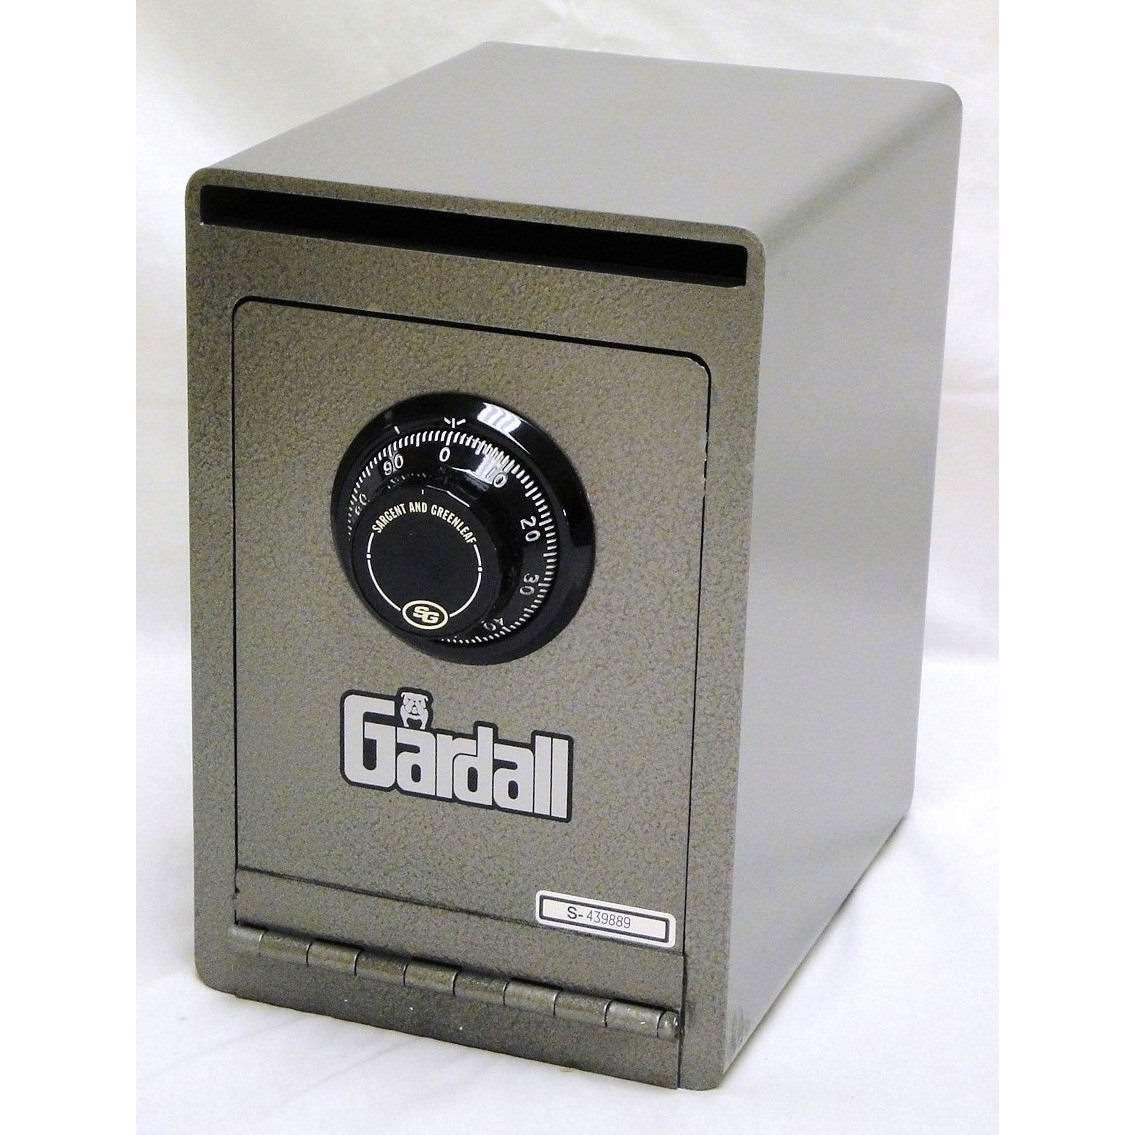 Gardall GS1210-G-C Utility Safe